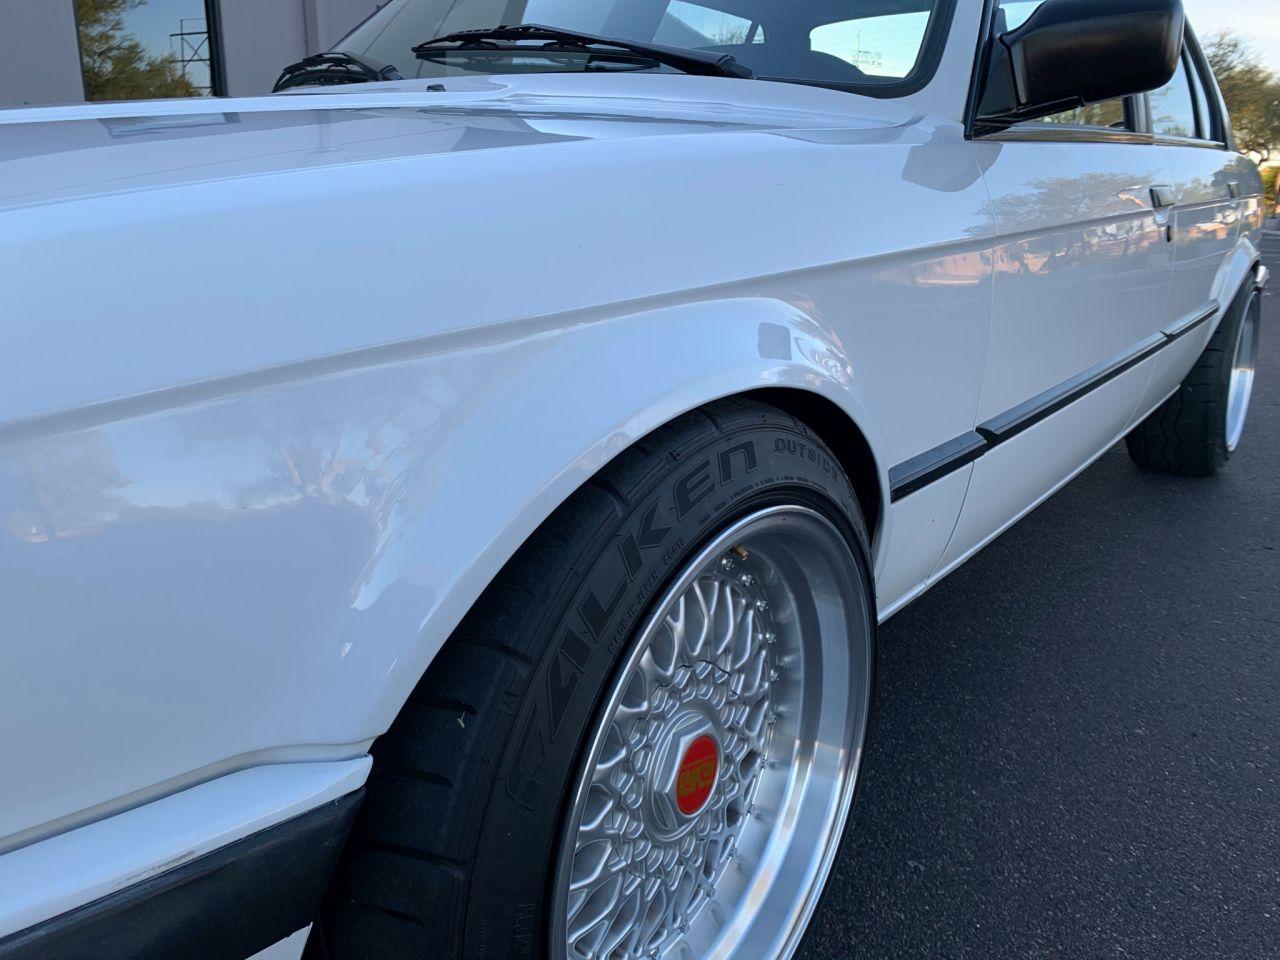 BMW 325i en S62 - Parce que 8, c'est mieux que 6 ! 4